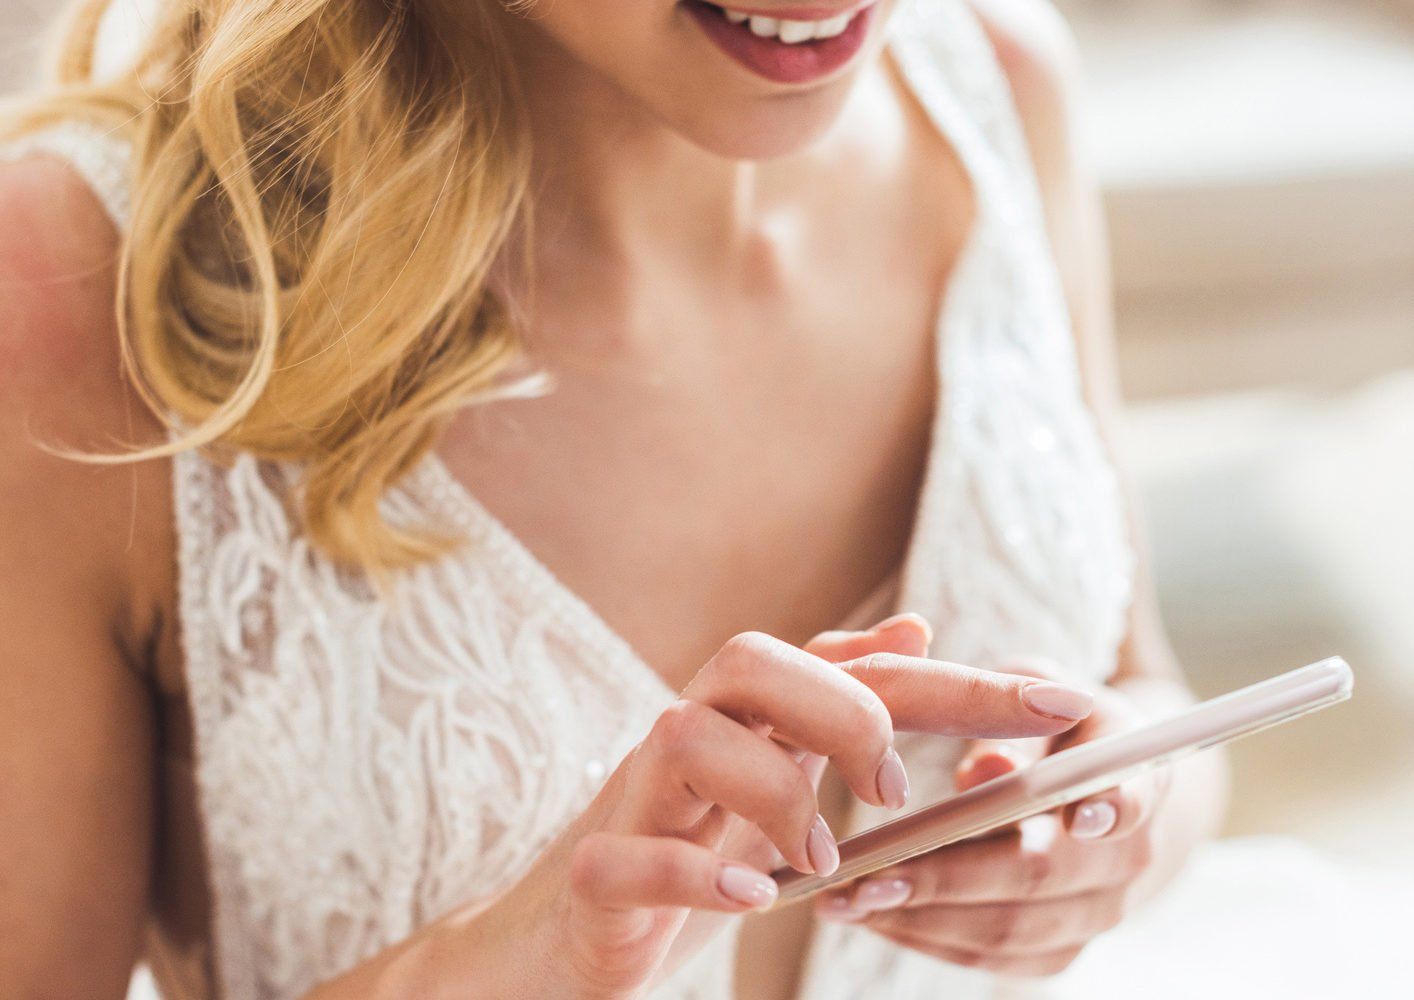 MissNowMrs name change app for brides